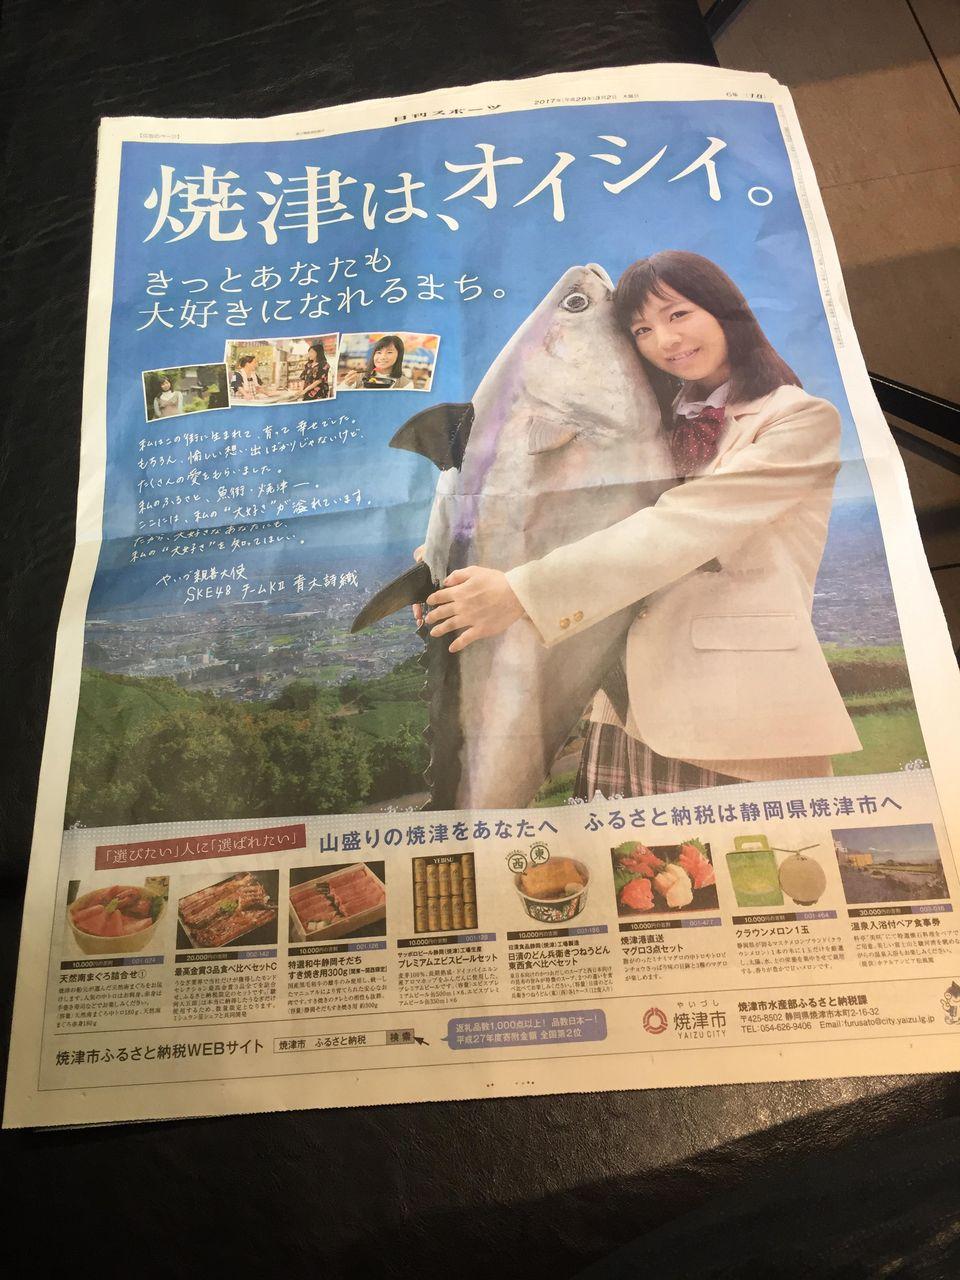 【エンタメ画像】本日の日刊スポーツにSKE青木詩織の一面広告